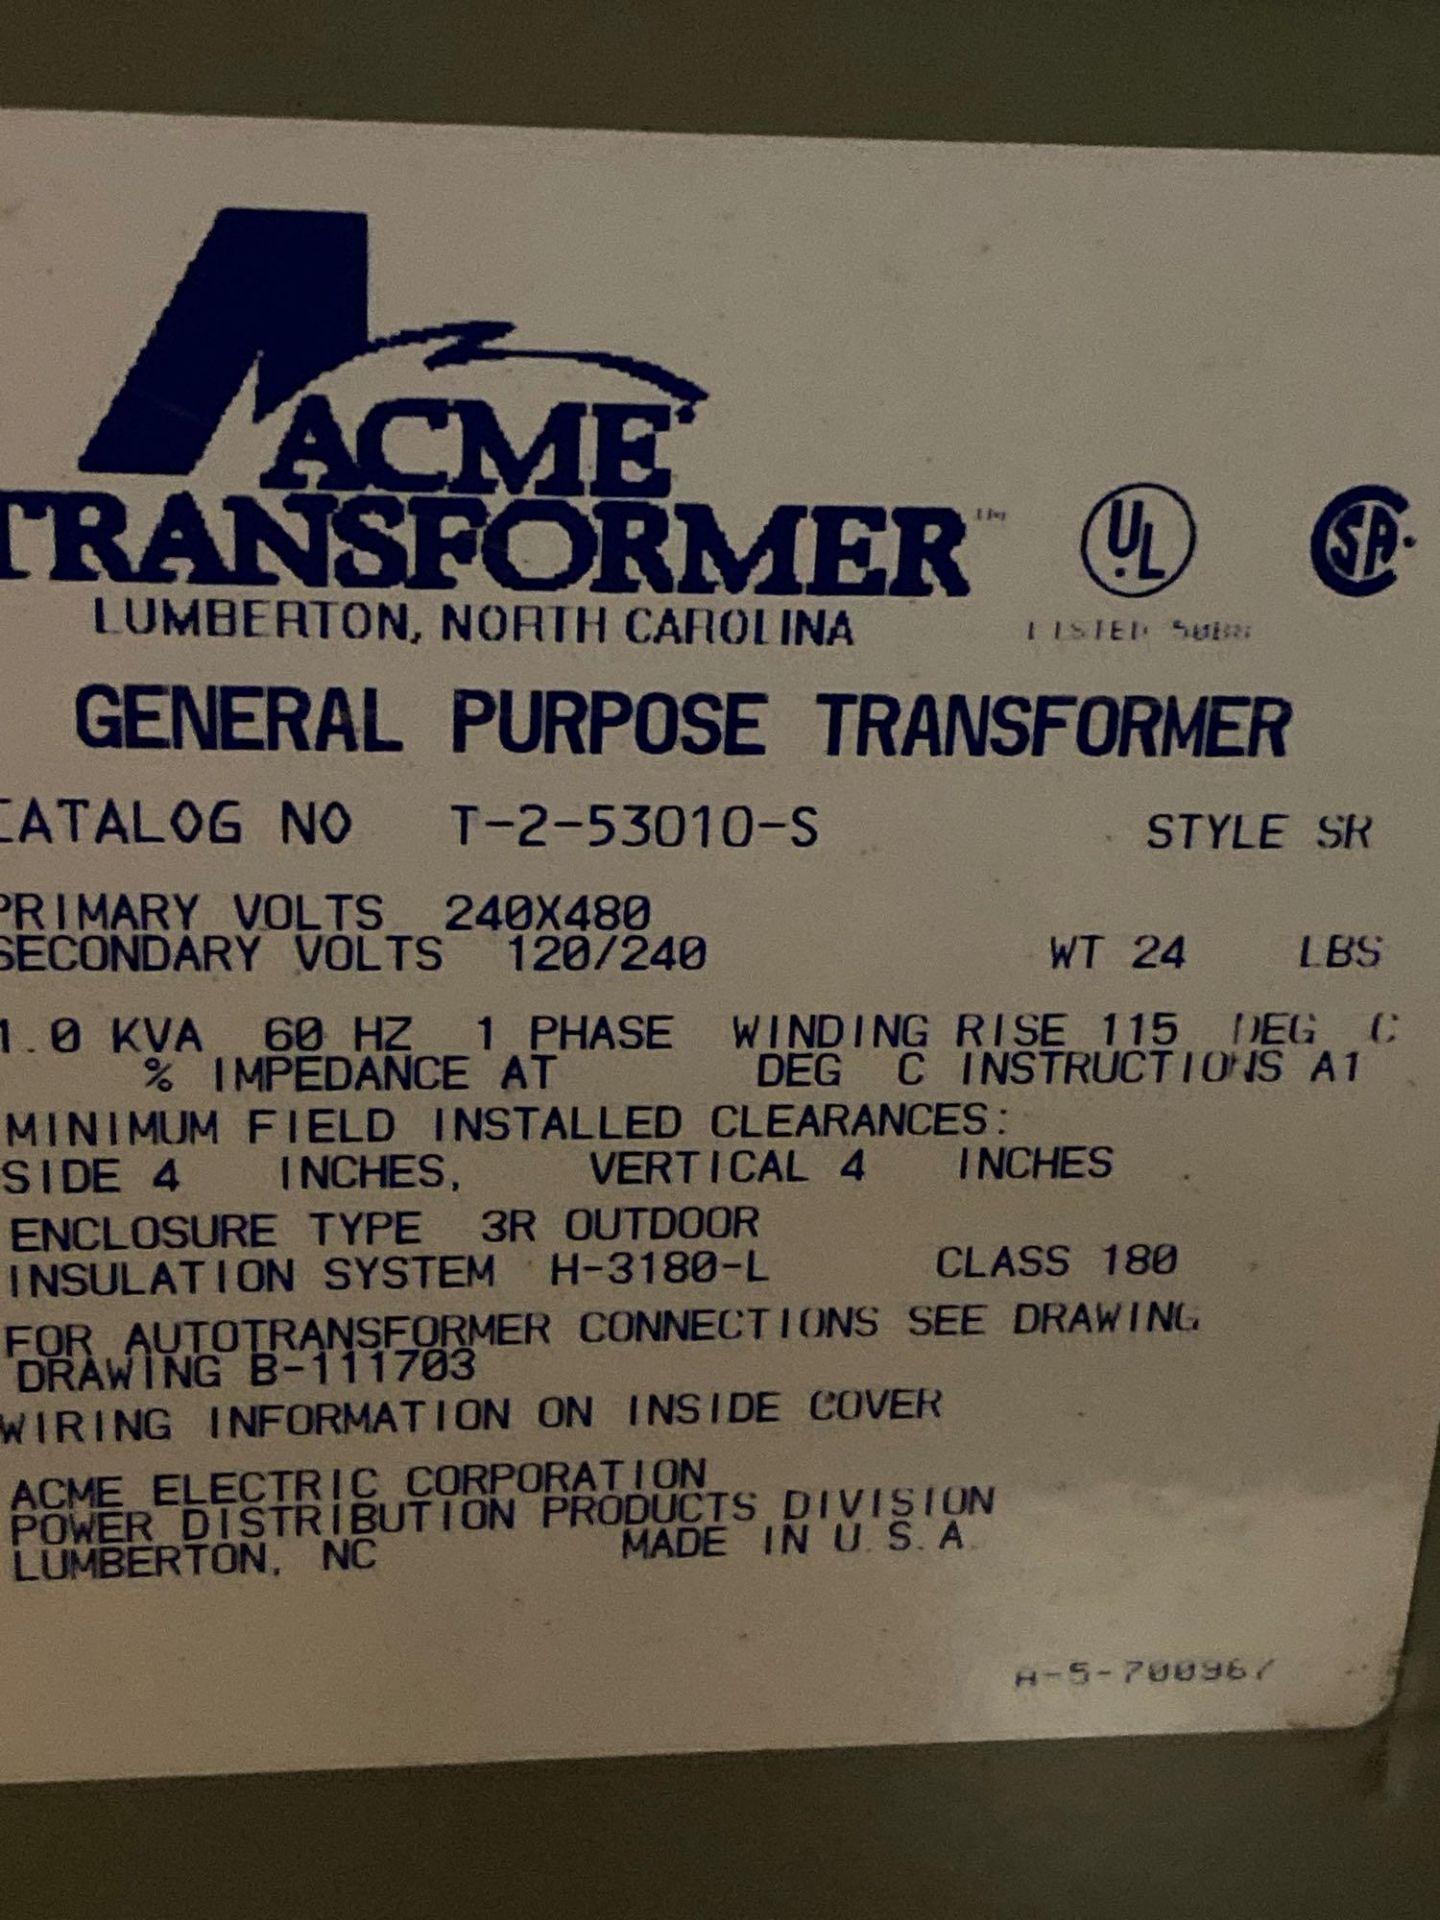 APT Packaging Foil Packaging Machine - Image 13 of 27